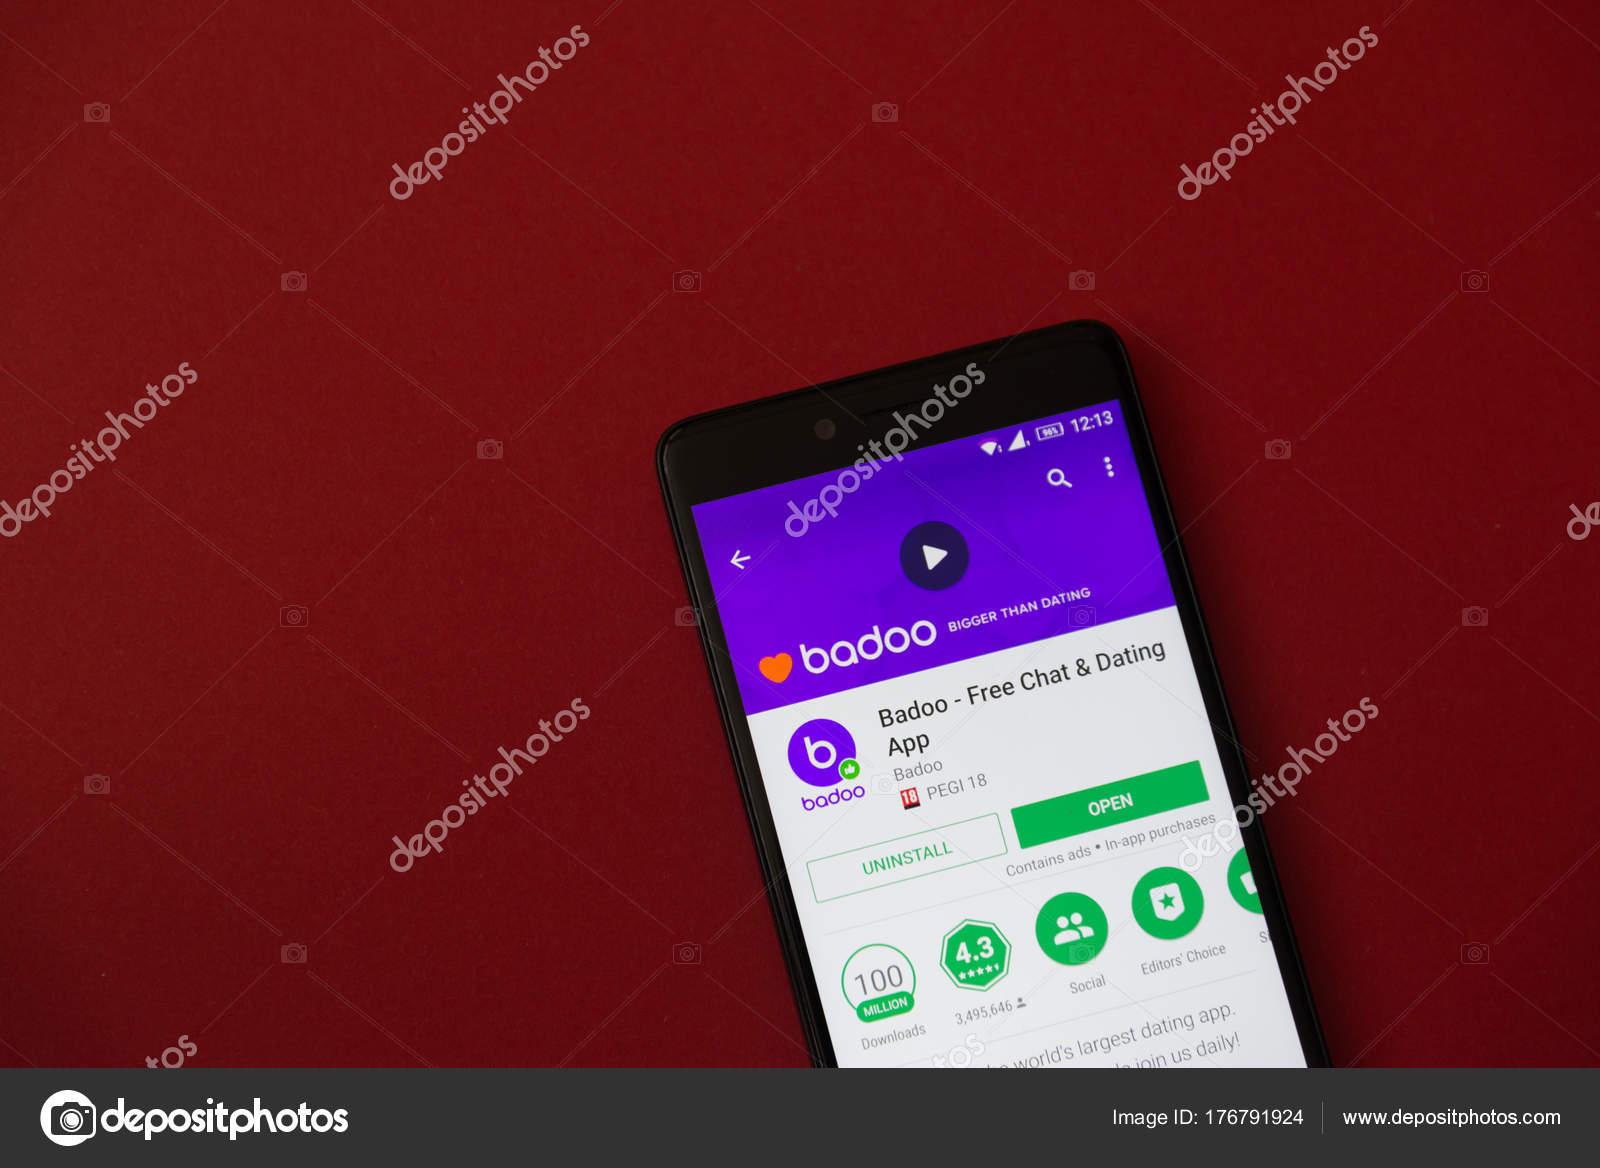 Google badoo app